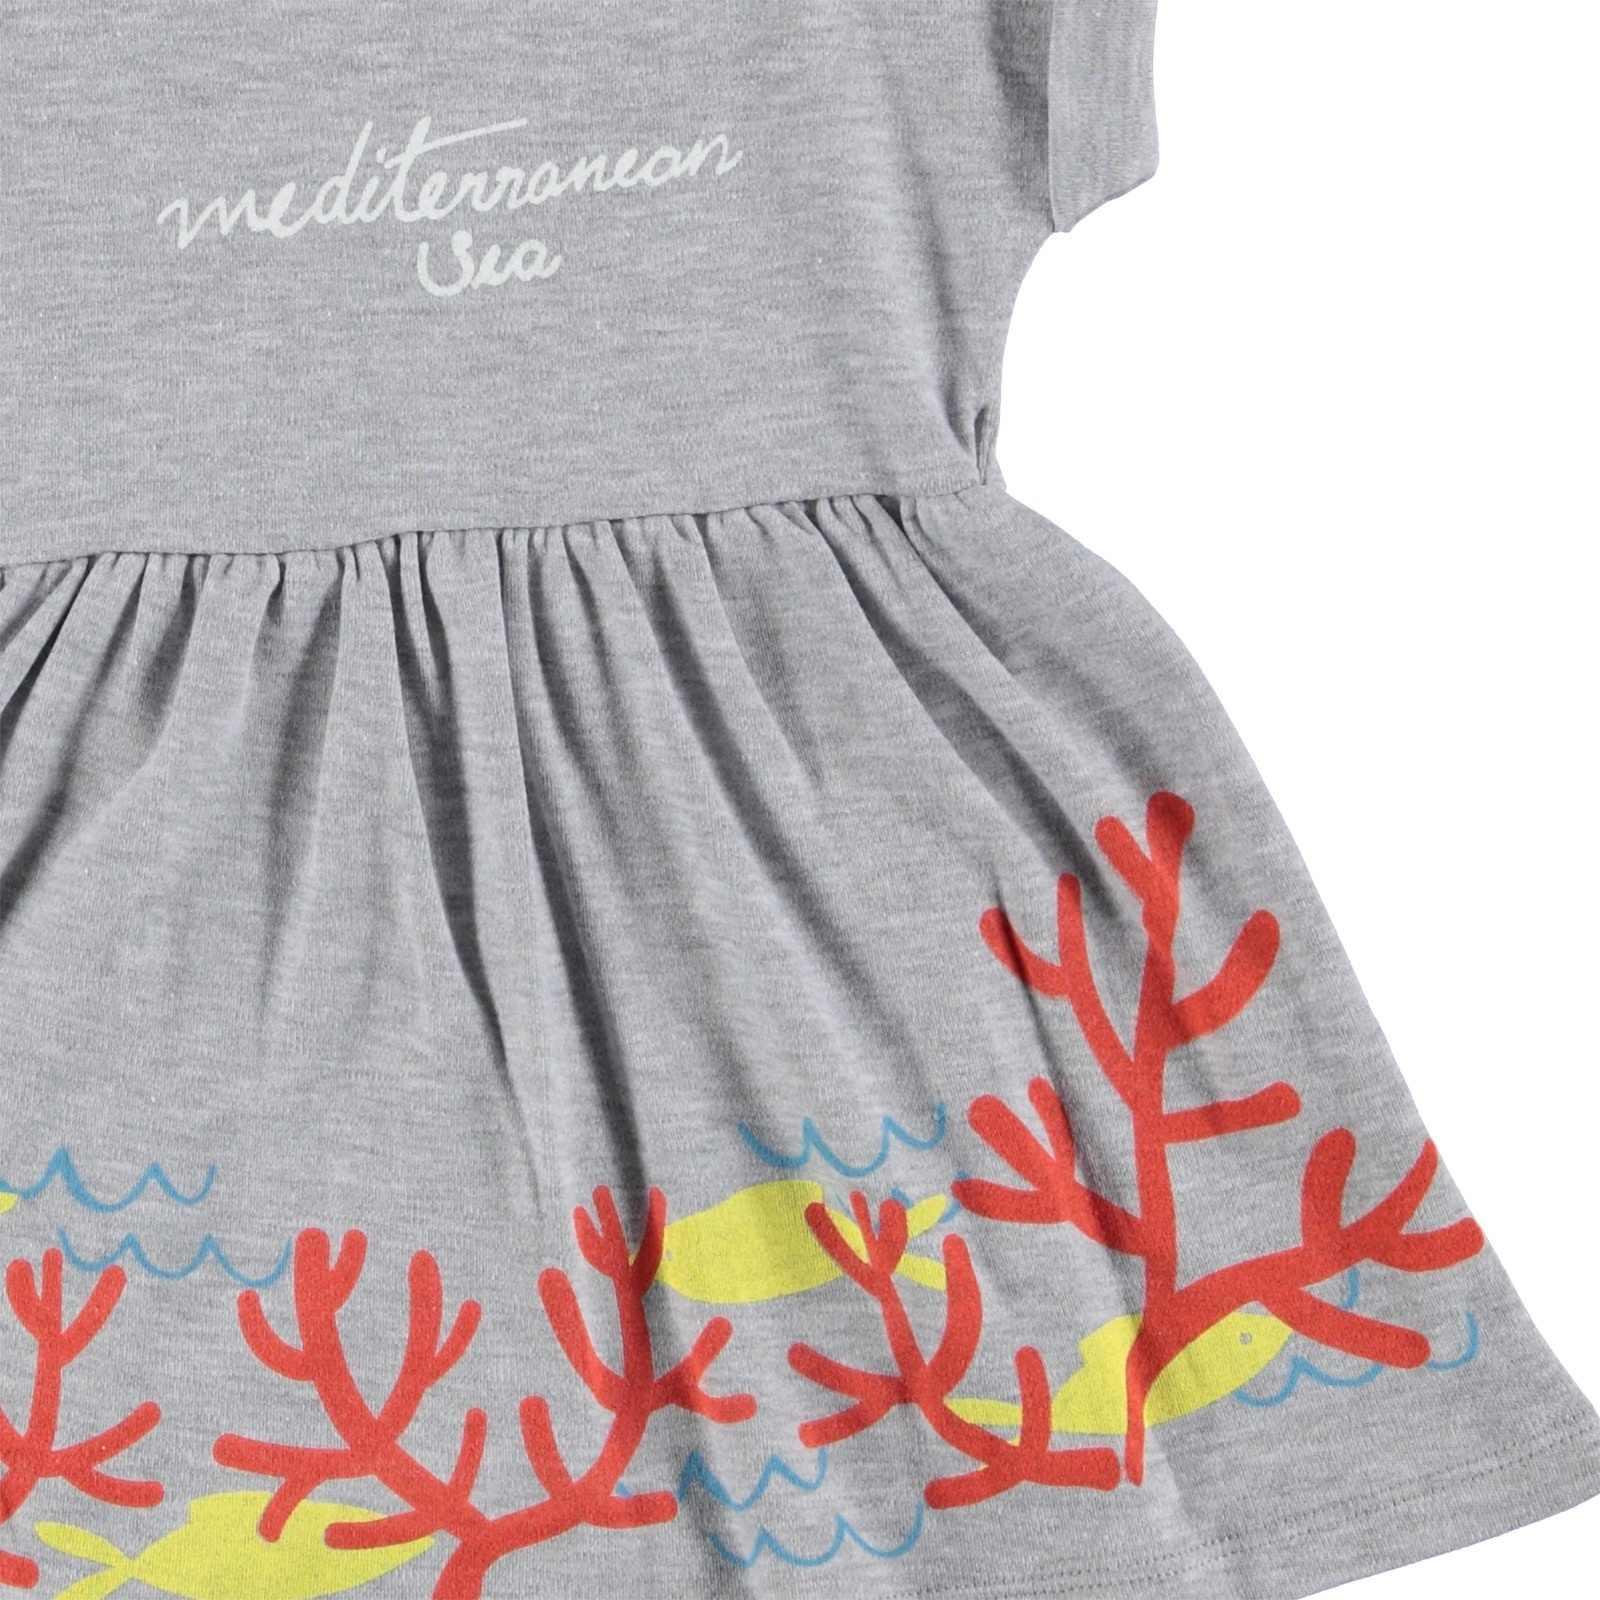 Ebebek Pasgeboren Mode Club Fun Zomer Meisje Jurk Bodysuit